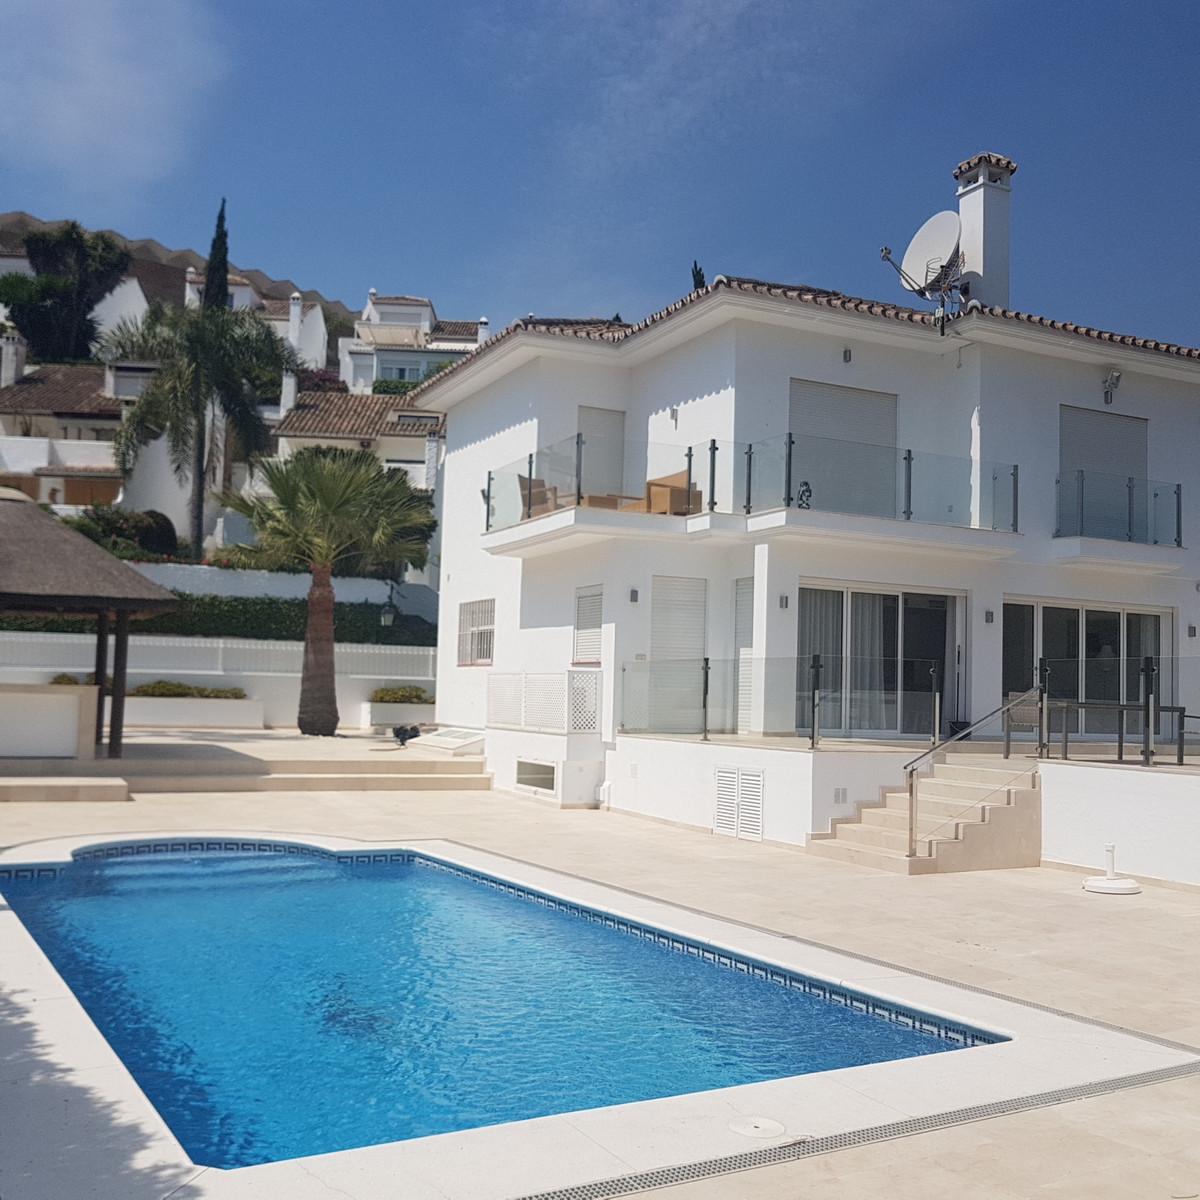 Sales - House - Puerto Banús - 27 - mibgroup.es